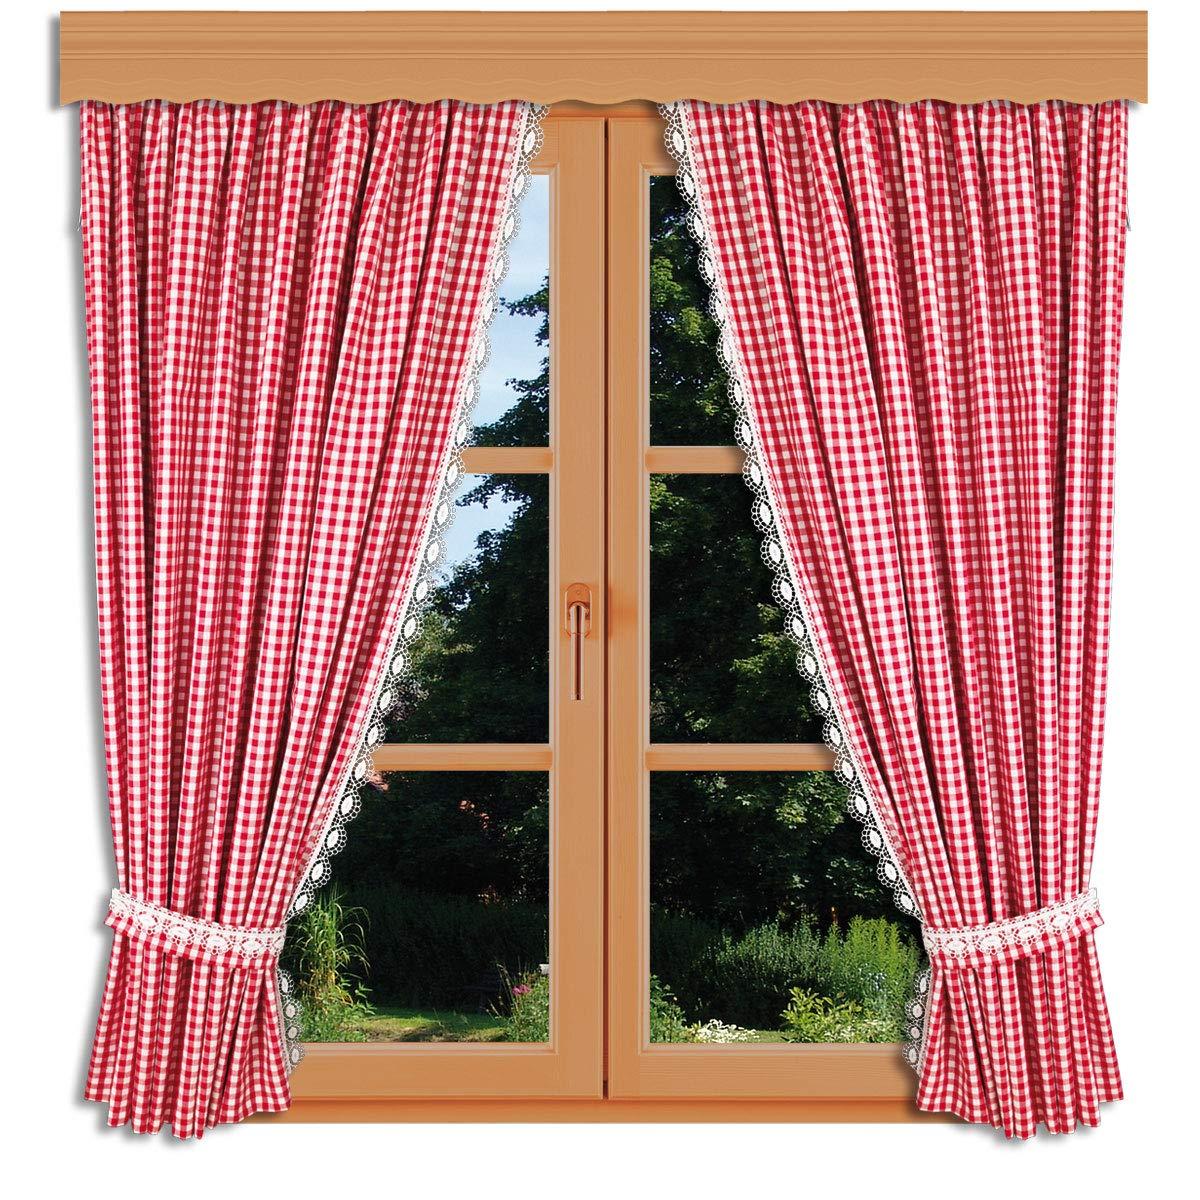 Hochwertiges Landhaus-Design rot-weiß kariert Set 2 Dekoschals inkl. Raffhalter Vorhangset Helena mit Echter Plauener Spitze